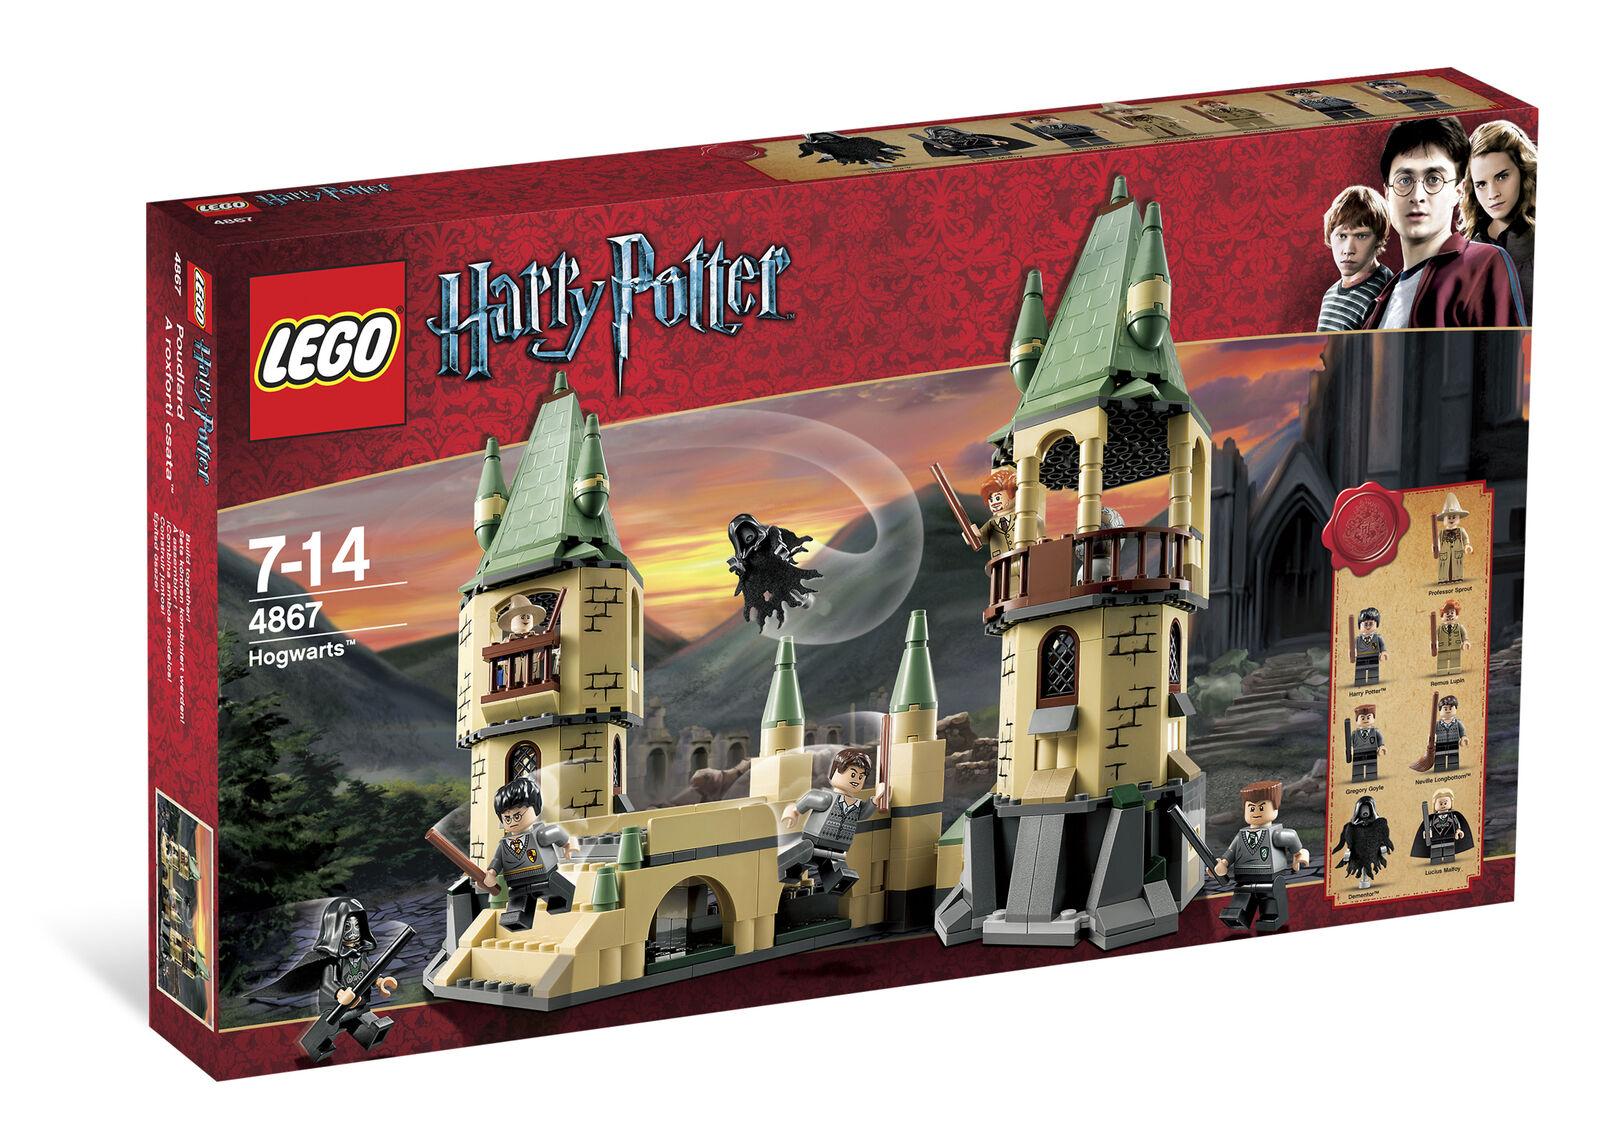 Nuevo LEGO 4867 Harry Potter Hogwarts Castillo Sellado 7 Minifiguras Costco Exclusivo